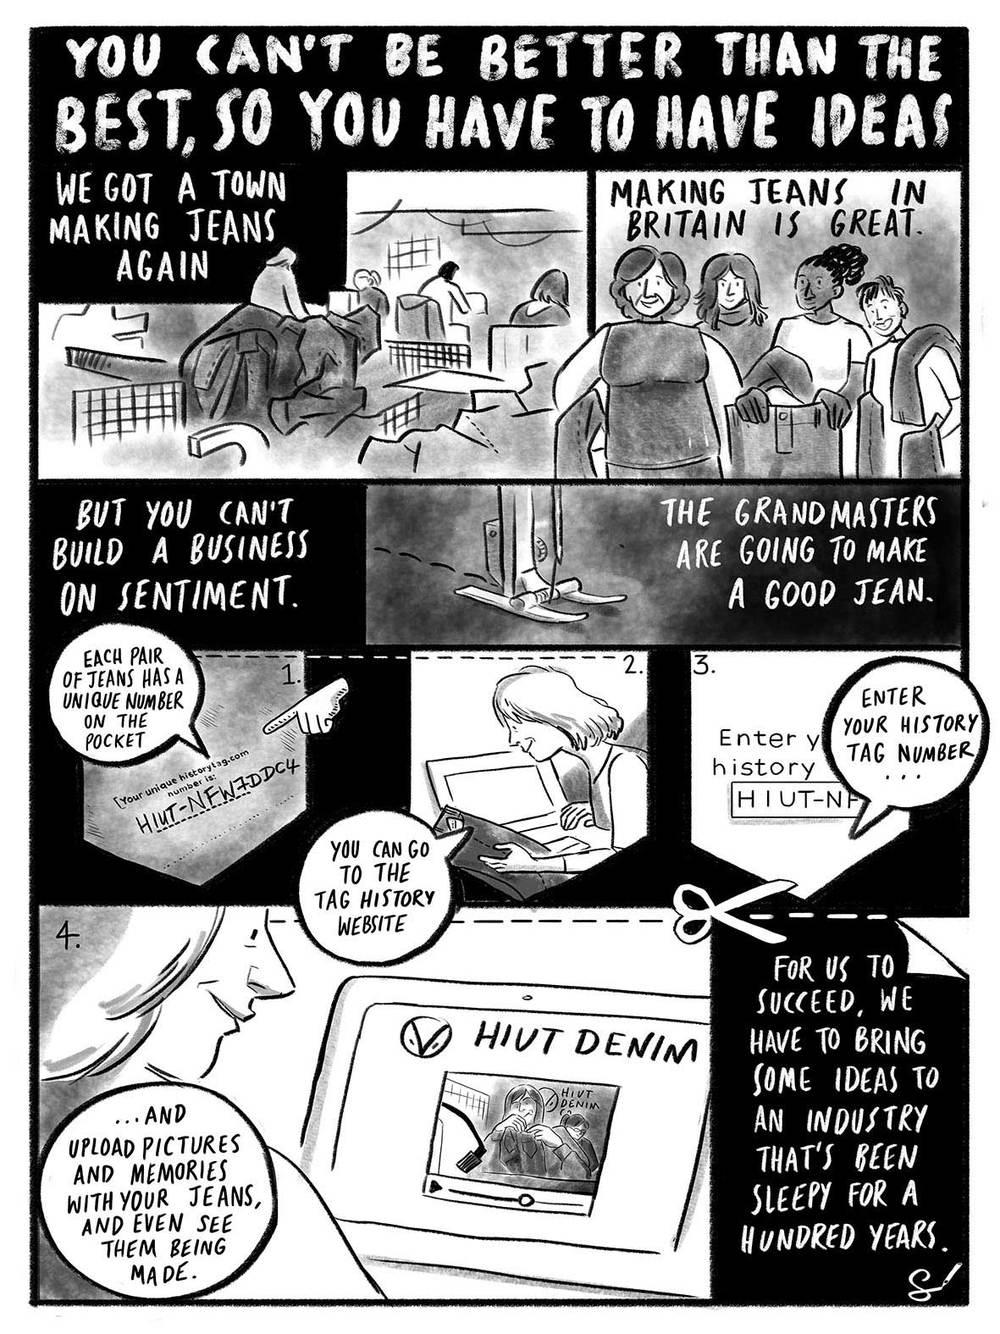 scriberias hiut denim have the ideas